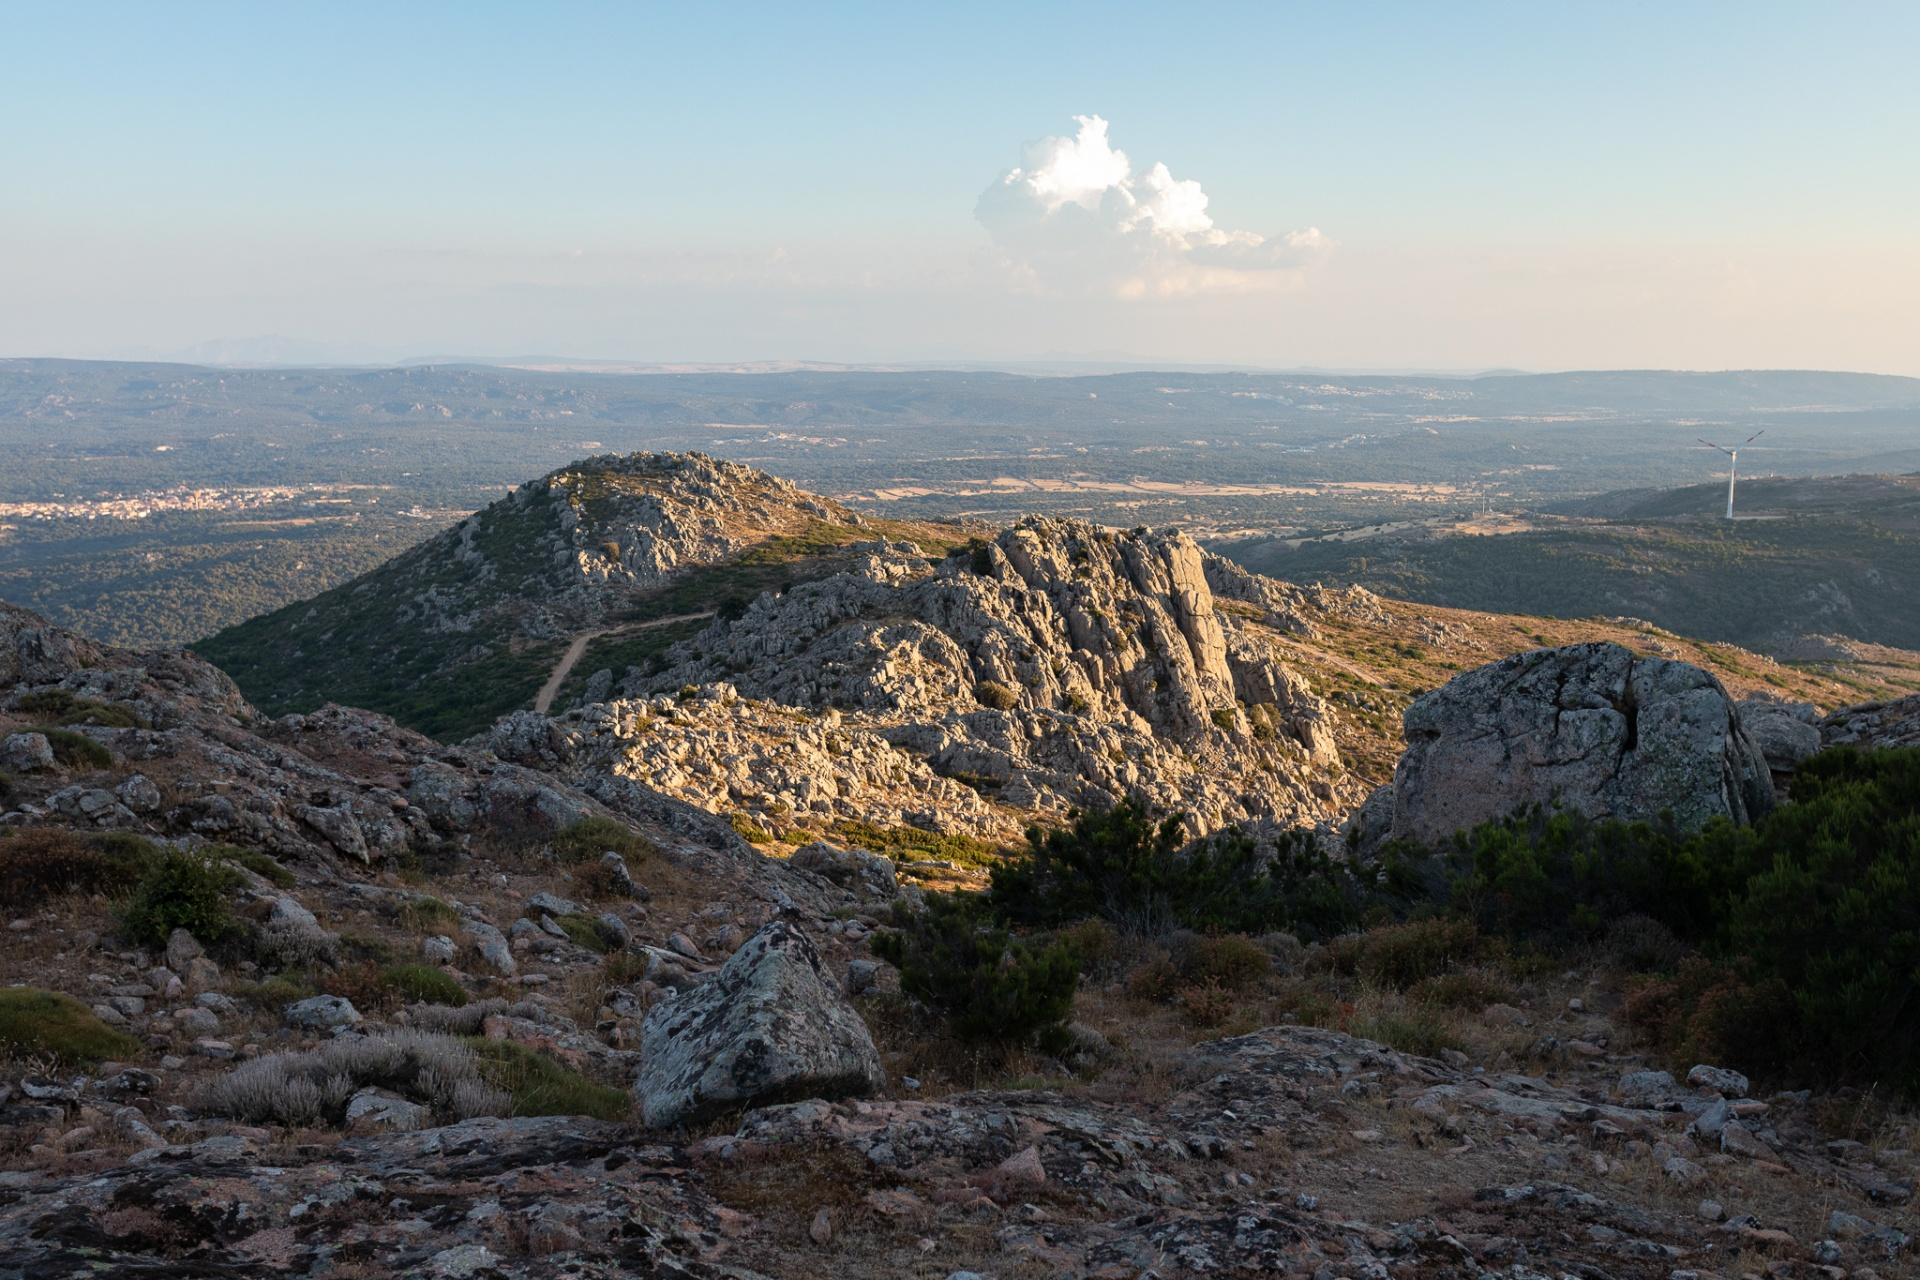 Granito, Ci sono luoghi in Sardegna che quando li incontri sulla mappa sembrano vuoti. Toponomi persi tra le pieghe delle curve di livello, dal suono antico, abbandonato. Alcuni paesaggi li trovi pieni di